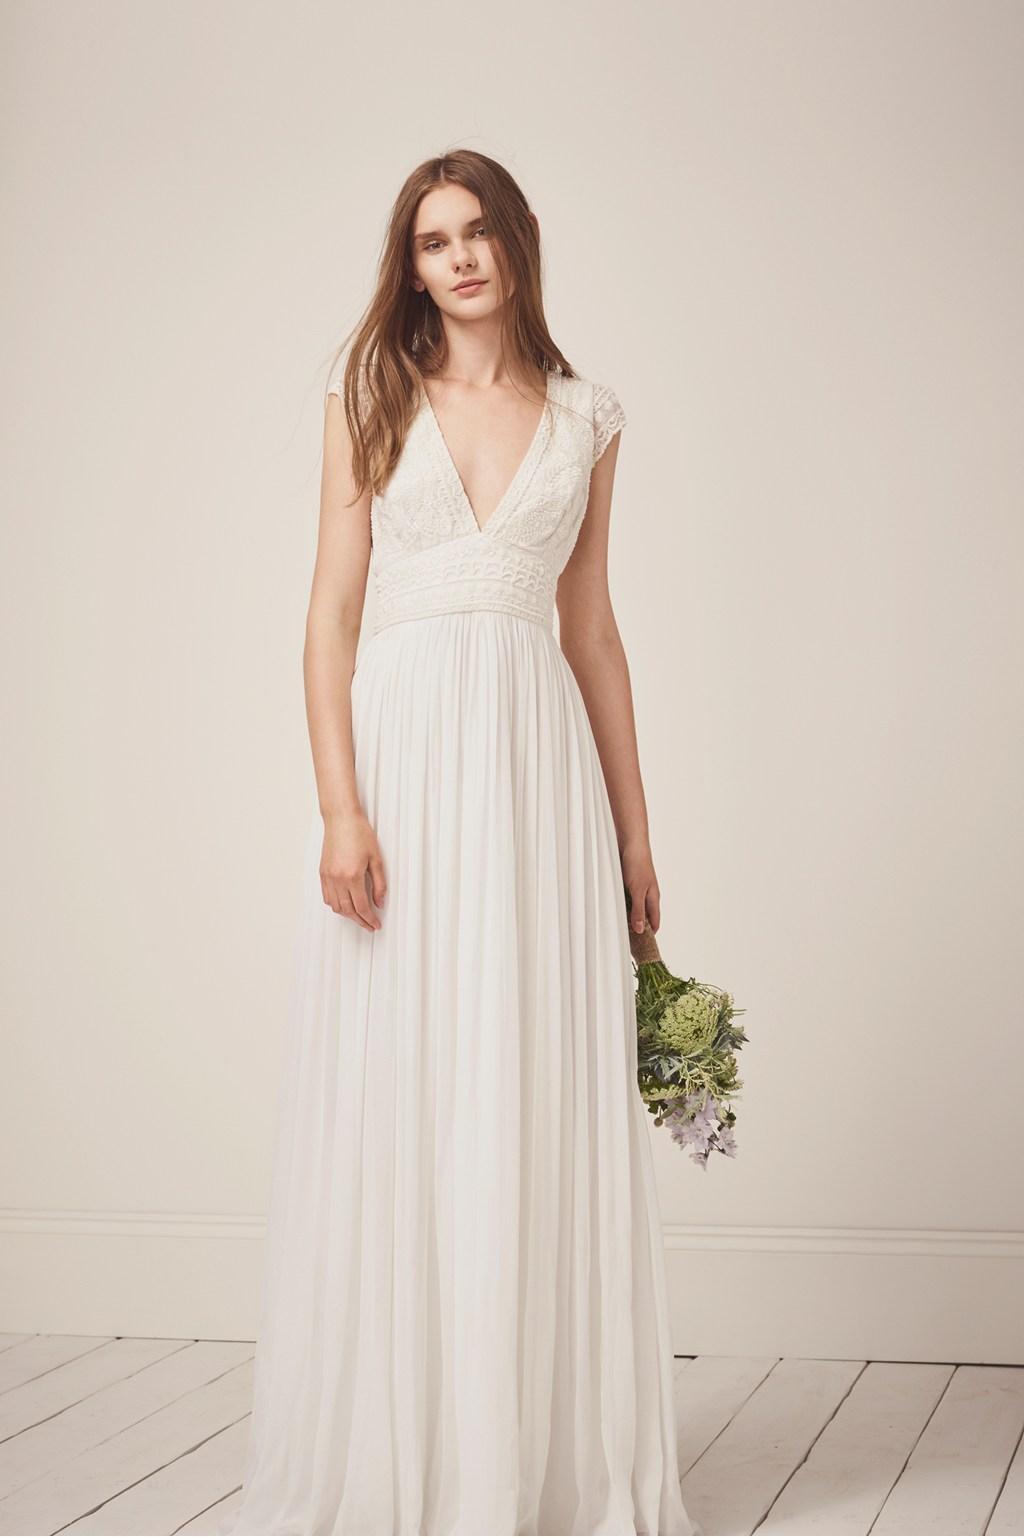 ... Des robes de mariées ultra-chic à moins de 500 euros - French  Connection ... 27d557d5890